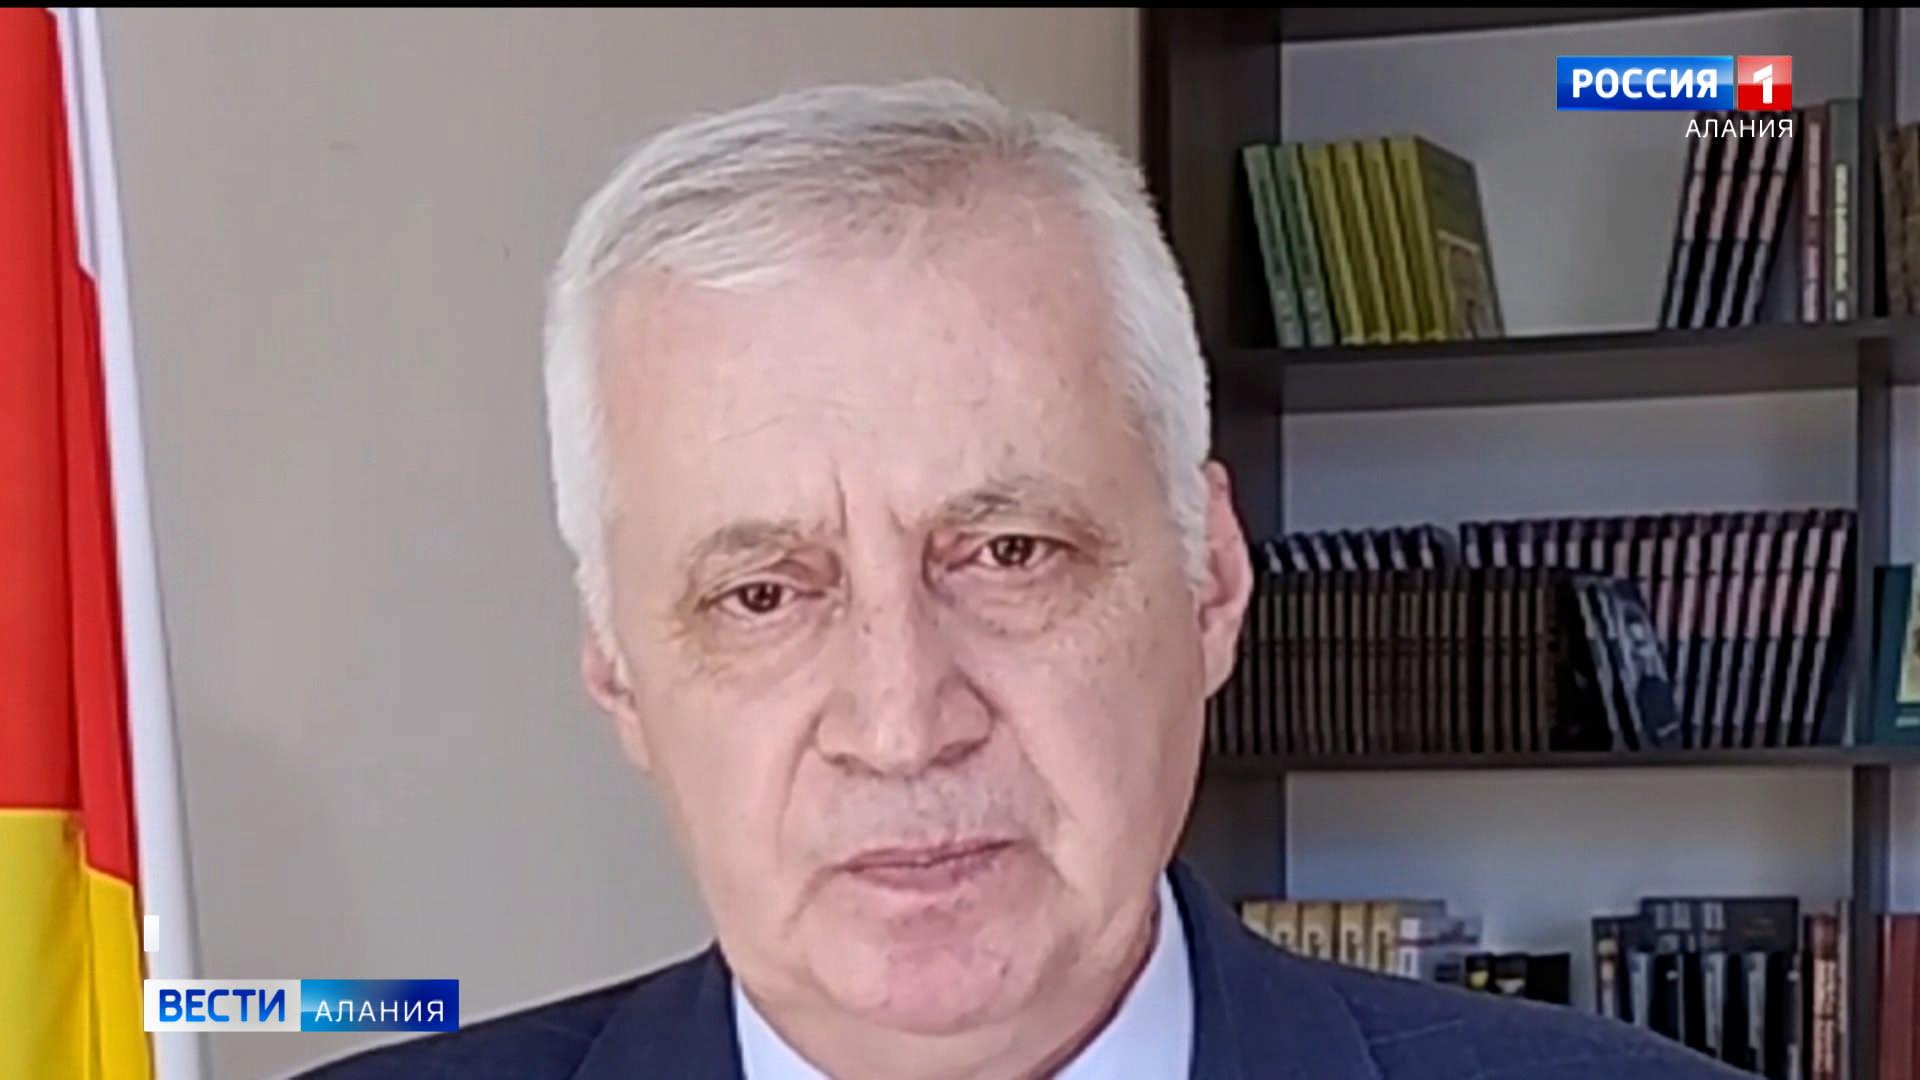 Юрий Фидаров: глава республики взял под особый контроль ситуацию с нападением на журналиста Руслана Тотрова